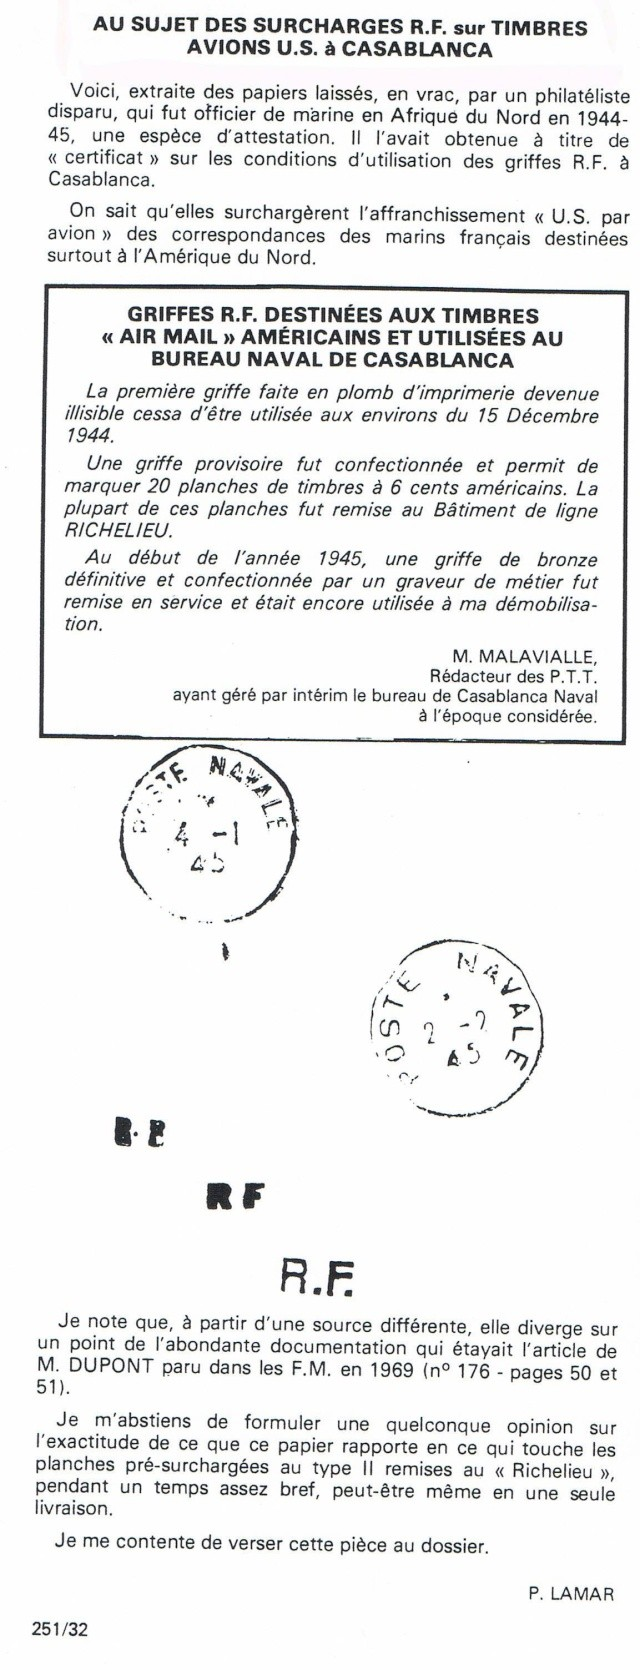 ENVELOPPE POSTE NAVALE RF à CASABLANCA 1944 Ccf07021